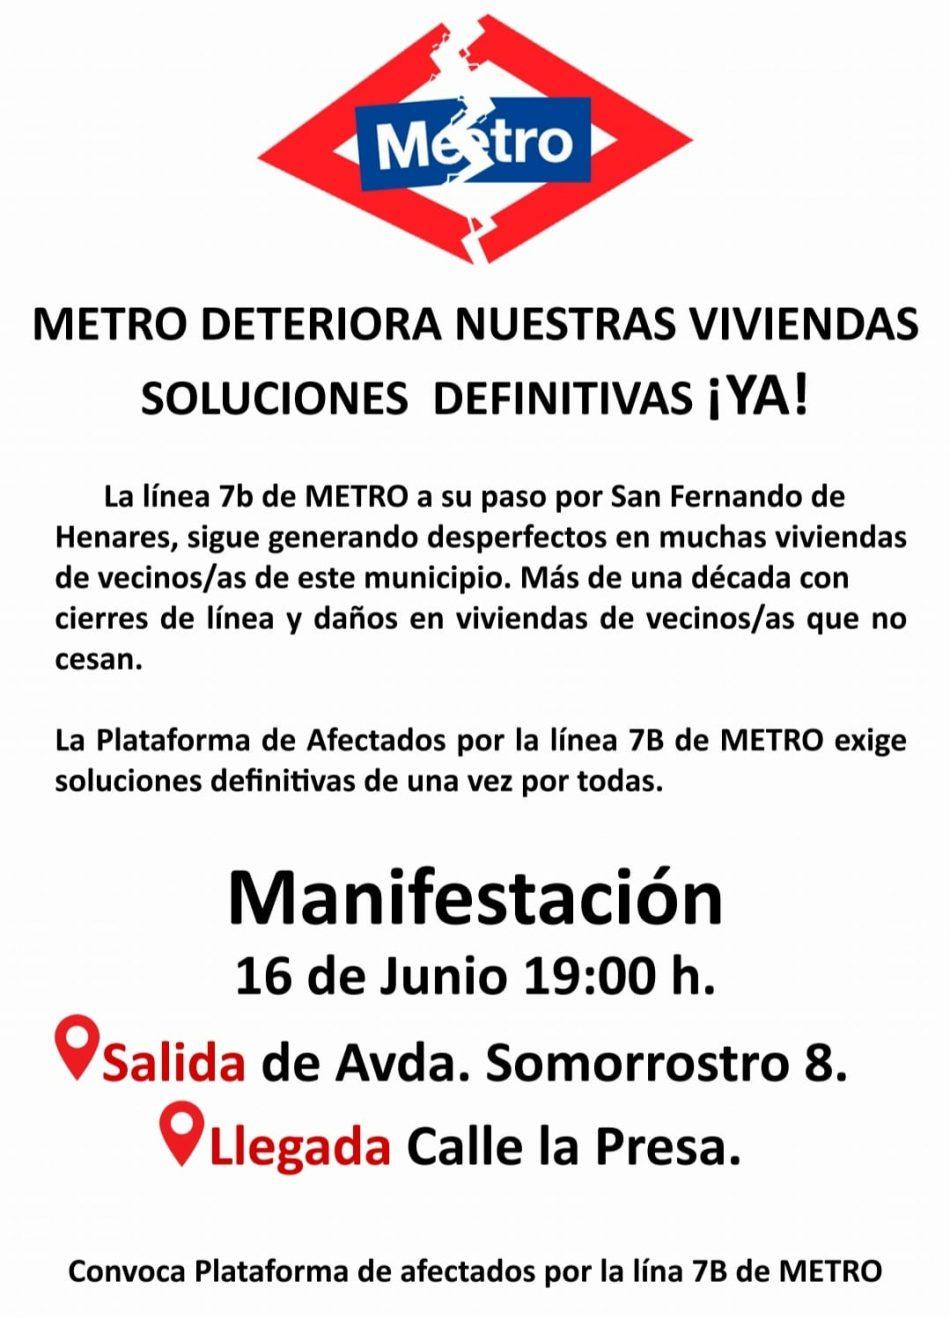 Manifestación en San Fernando de Henares para pedir soluciones definitivas a los daños provocados por la línea 7B de Metro